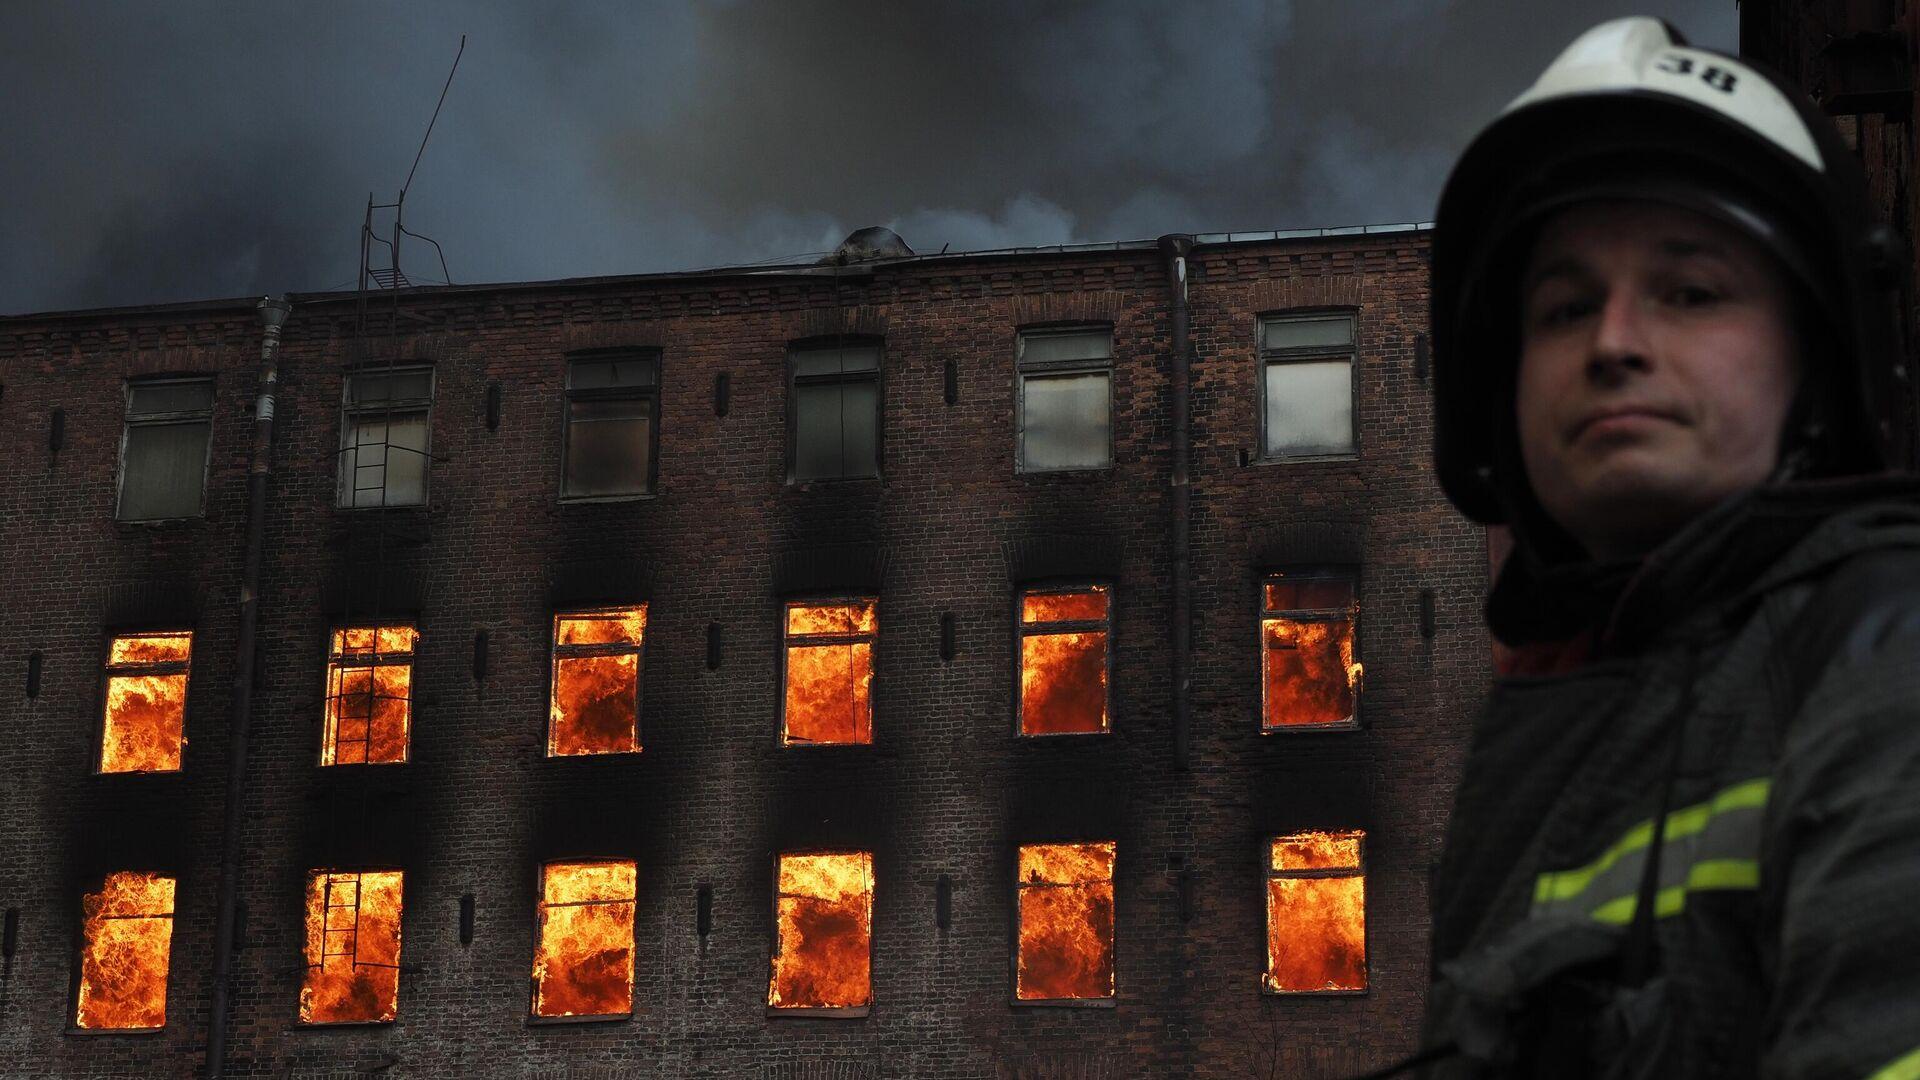 Пожар на фабрике Невская мануфактура - РИА Новости, 1920, 13.04.2021